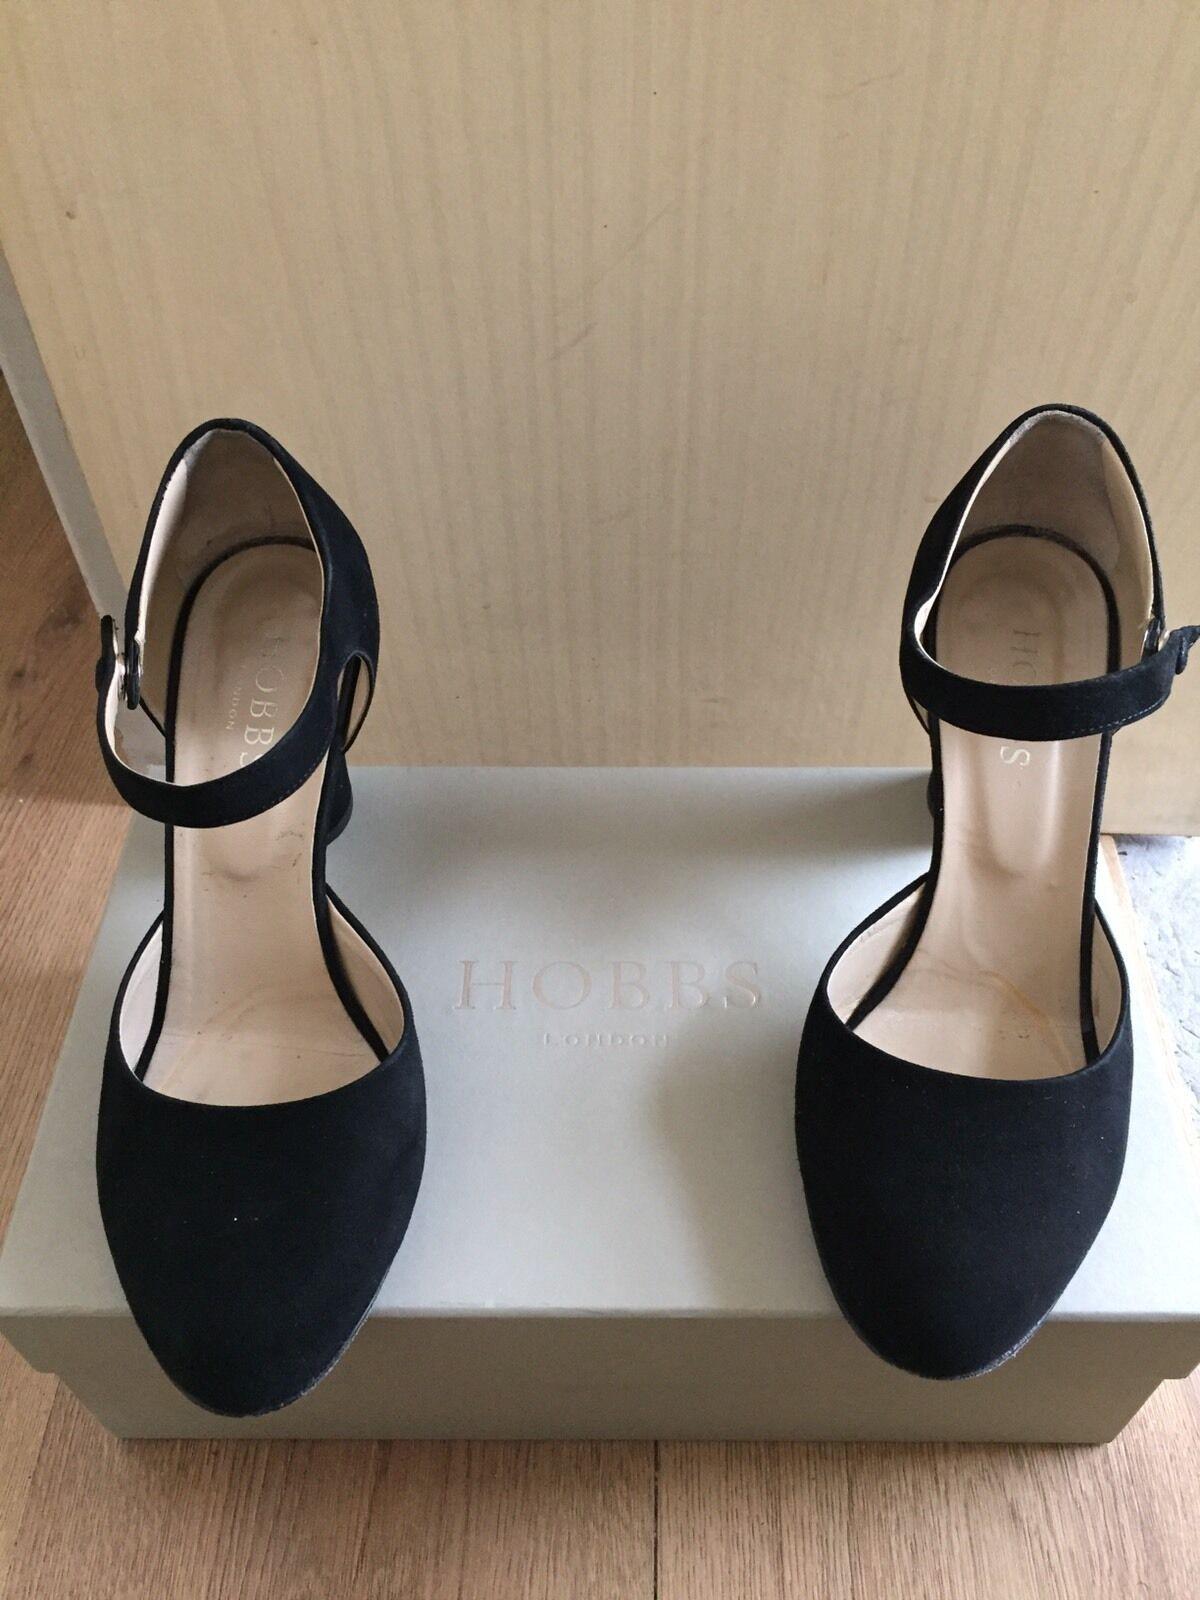 ampia selezione Ladies Hobbs neri neri neri in pelle scamosciata Dolly Scarpe TAGLIA 5  prezzi equi